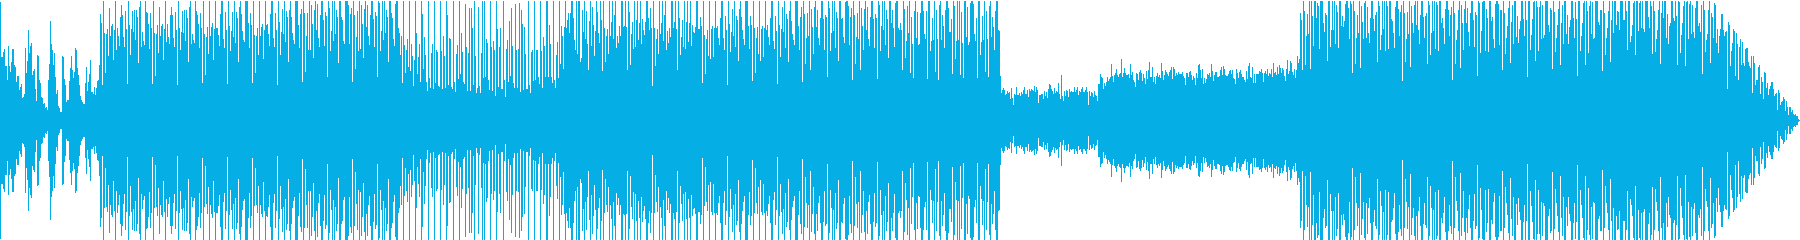 ソウルスタイルのクールトラックの再生済みの波形